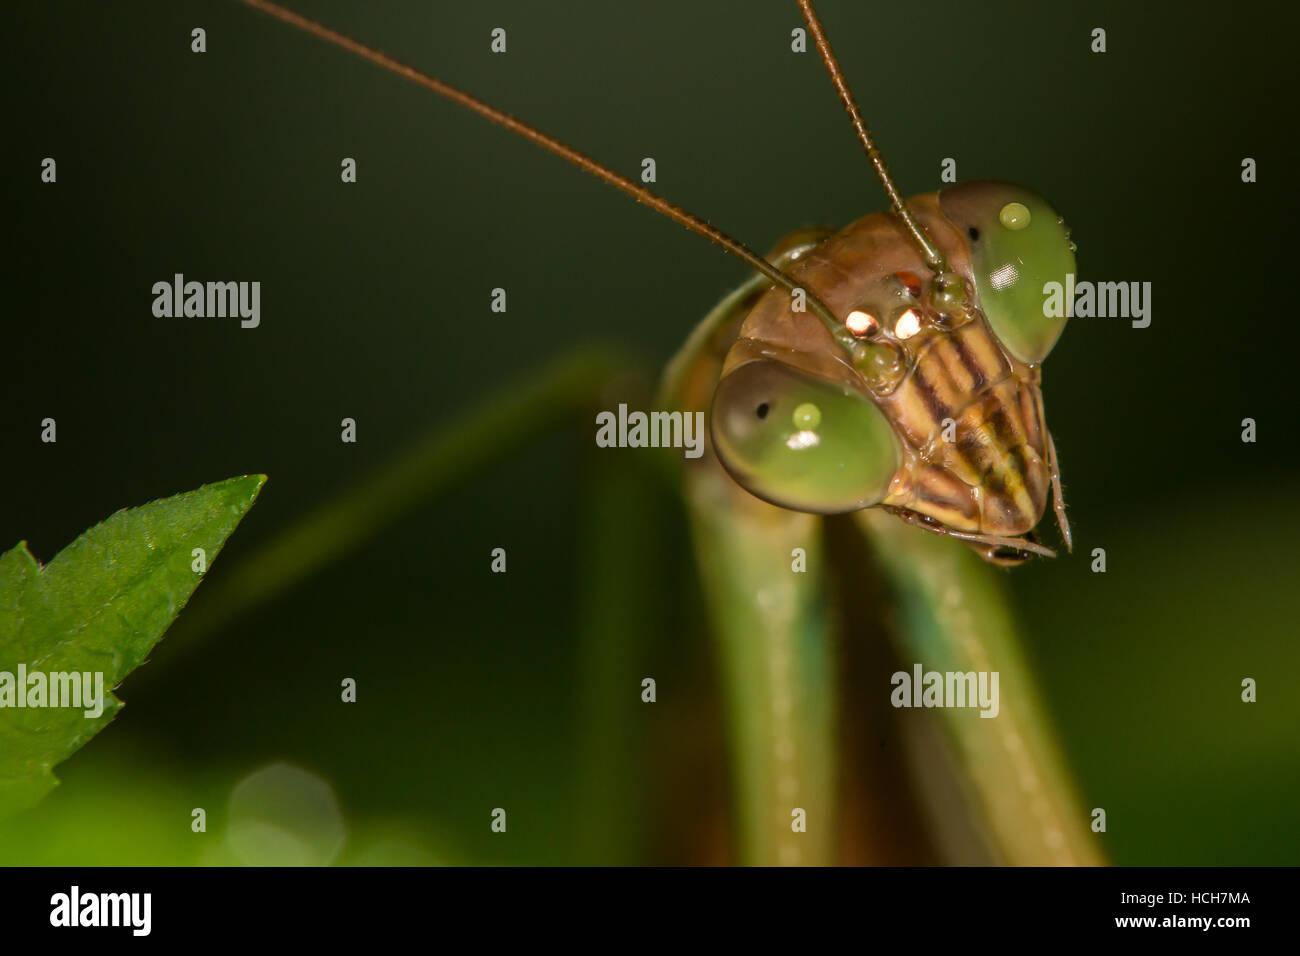 Nahaufnahme von einer Gottesanbeterin zeigt Augen und Antennen Stockbild